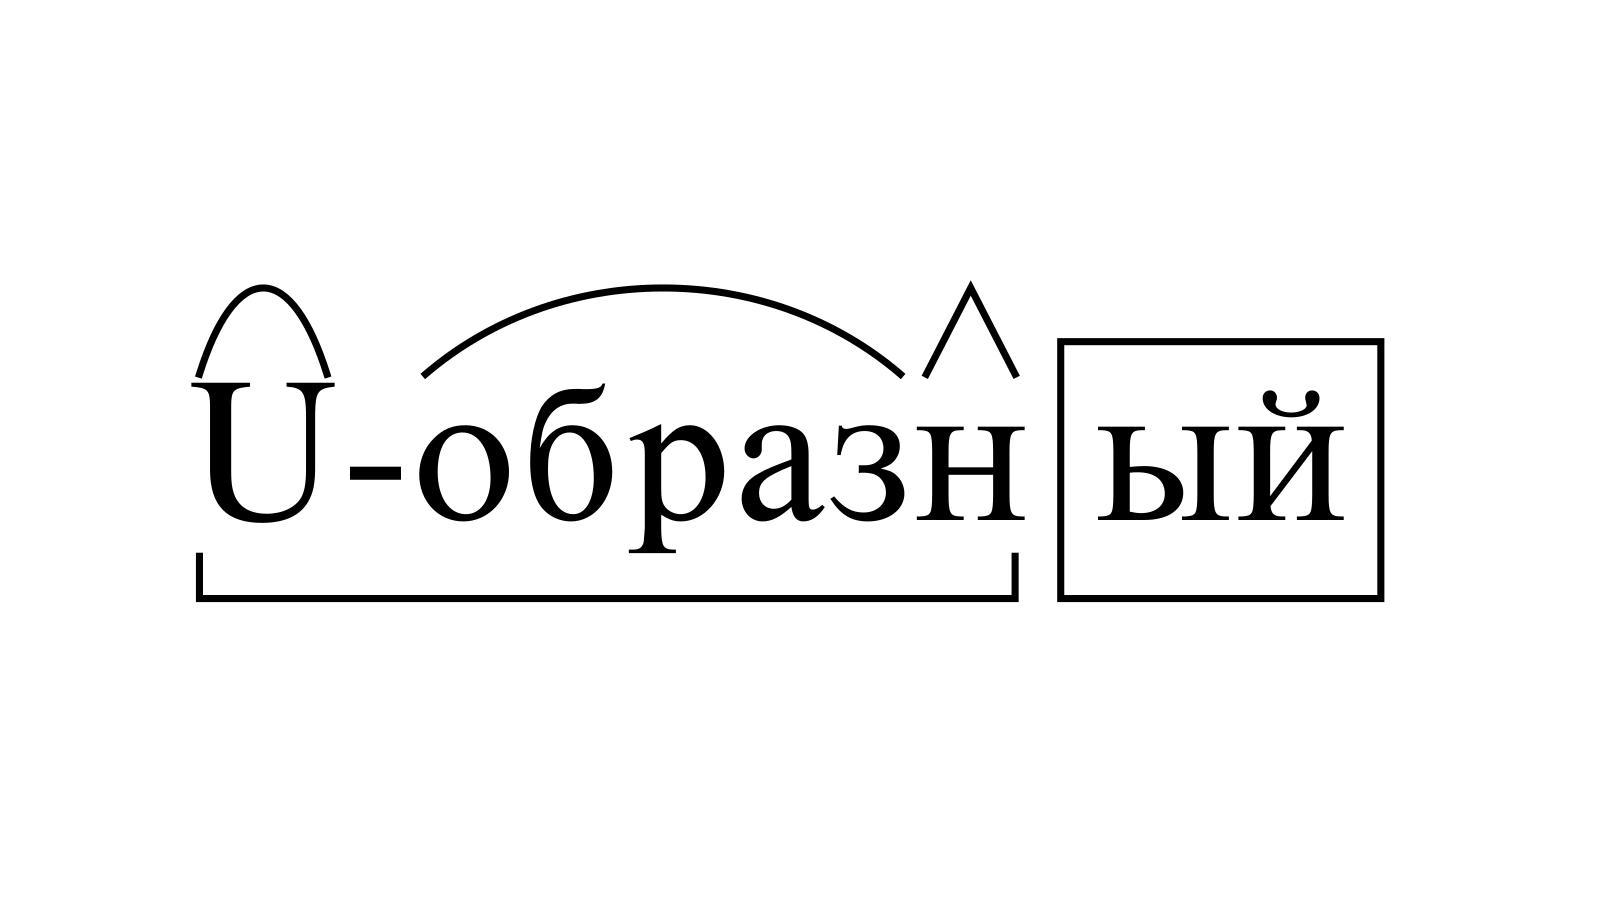 Разбор слова «U-образный» по составу